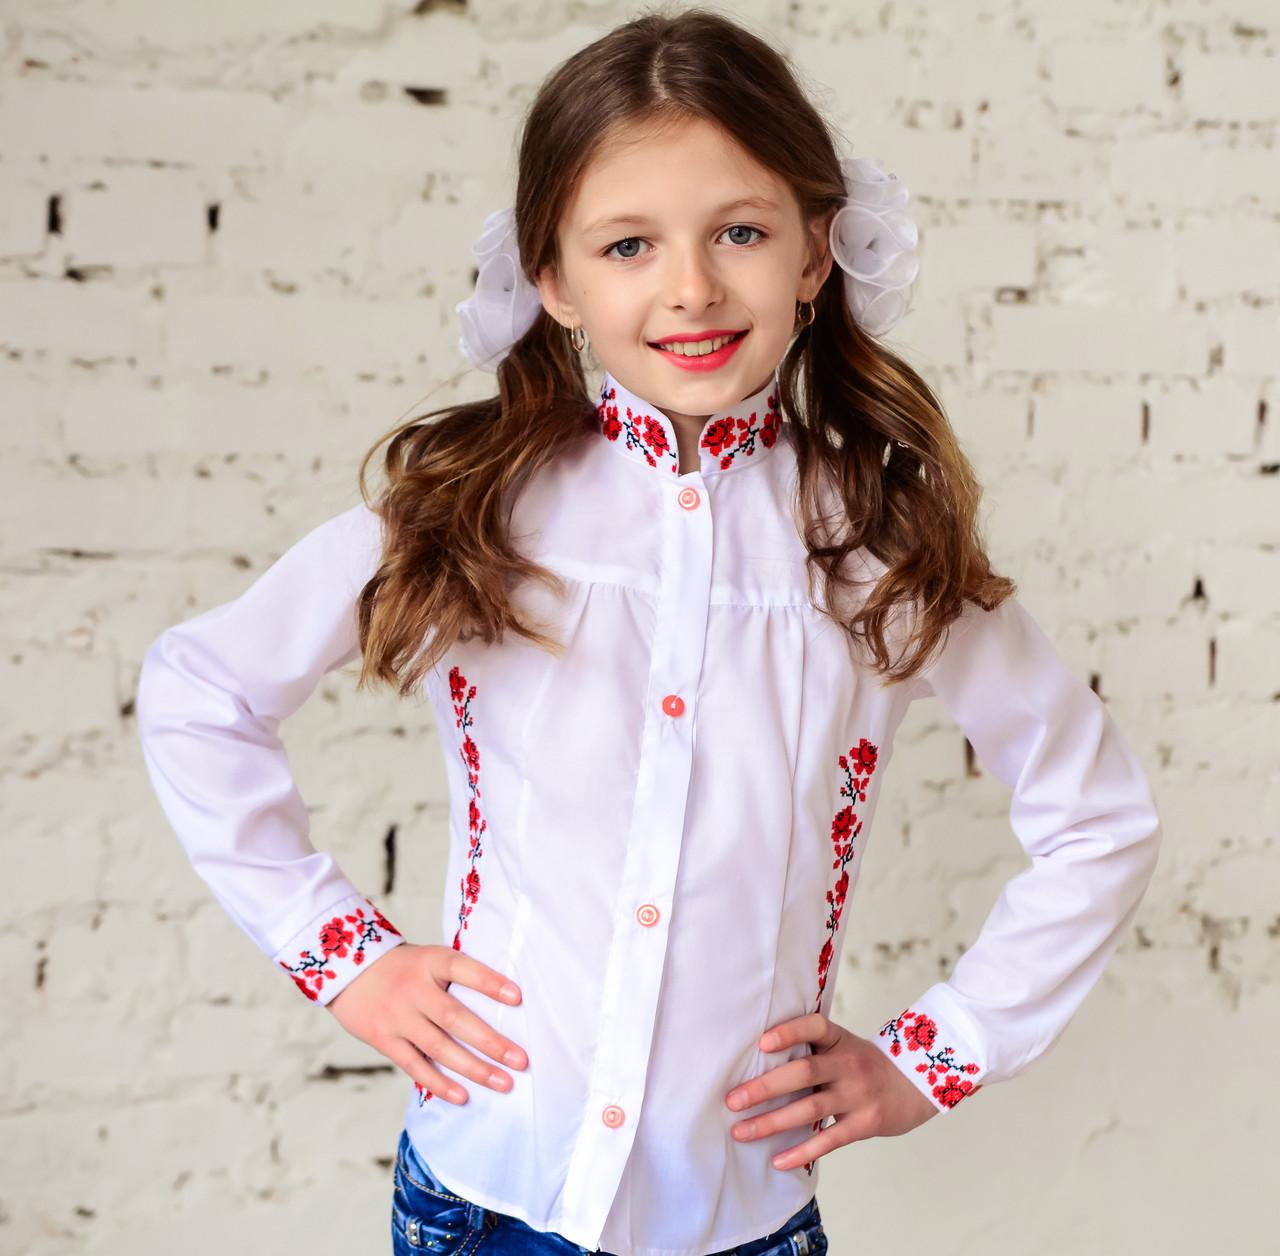 b3161624e52 Блузка - вышиванка для девочки